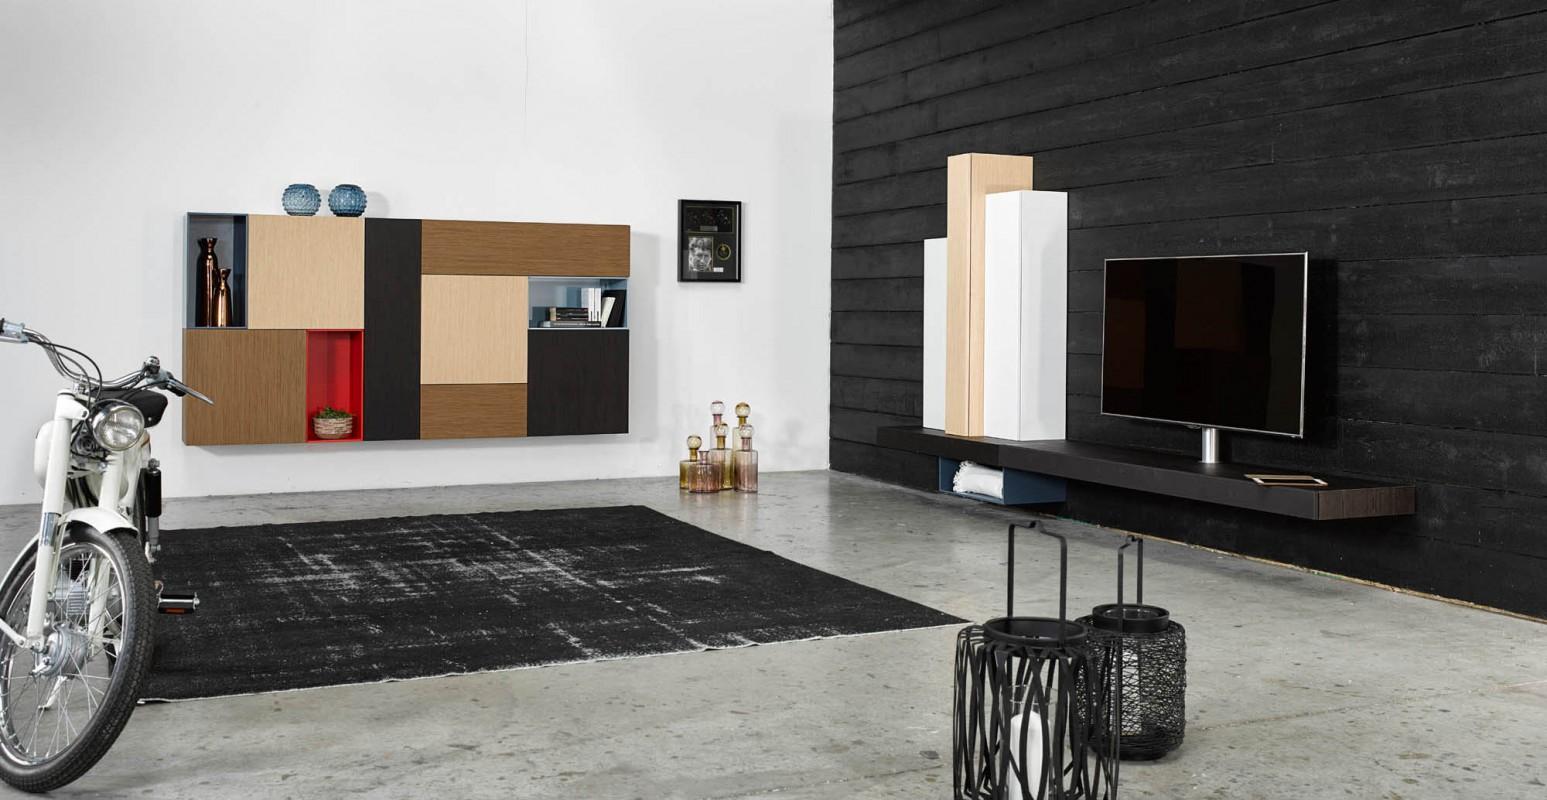 Spectral Smart furniture 11 e1447588798440 - Spectral Smart furniture: Aufnahmen für einen Möbelkatalog